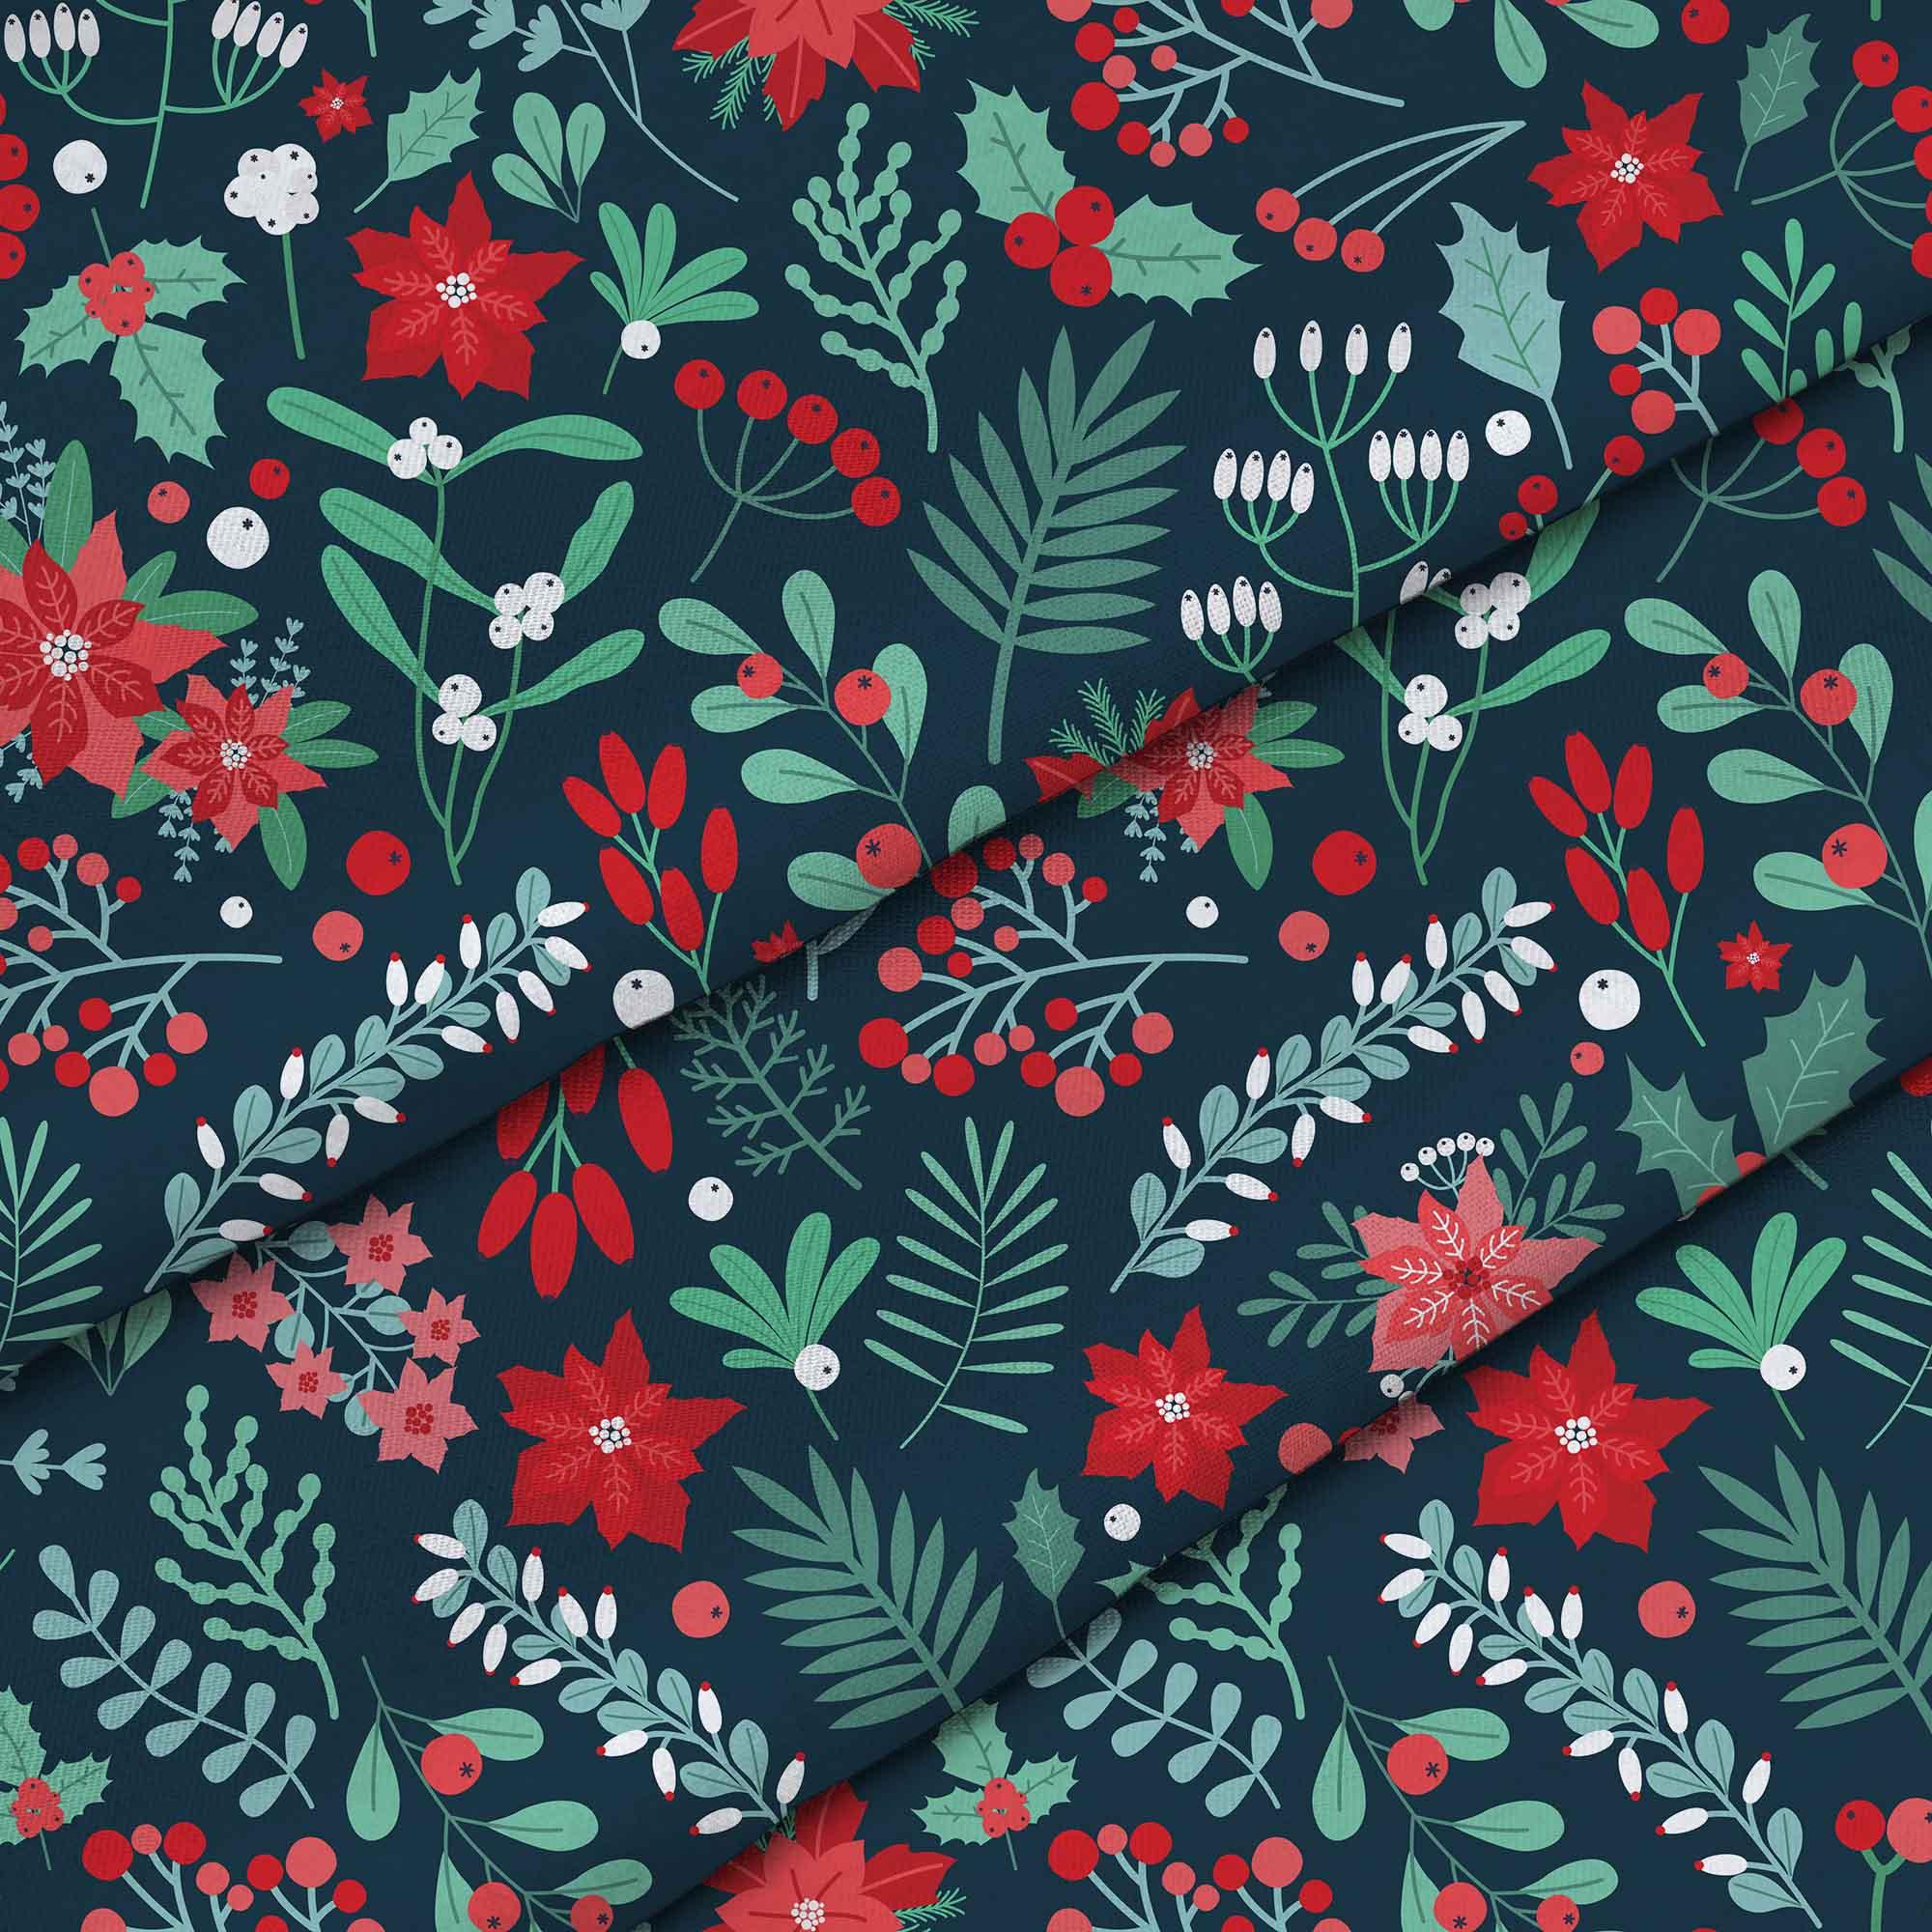 Christmas Red Mistletoe